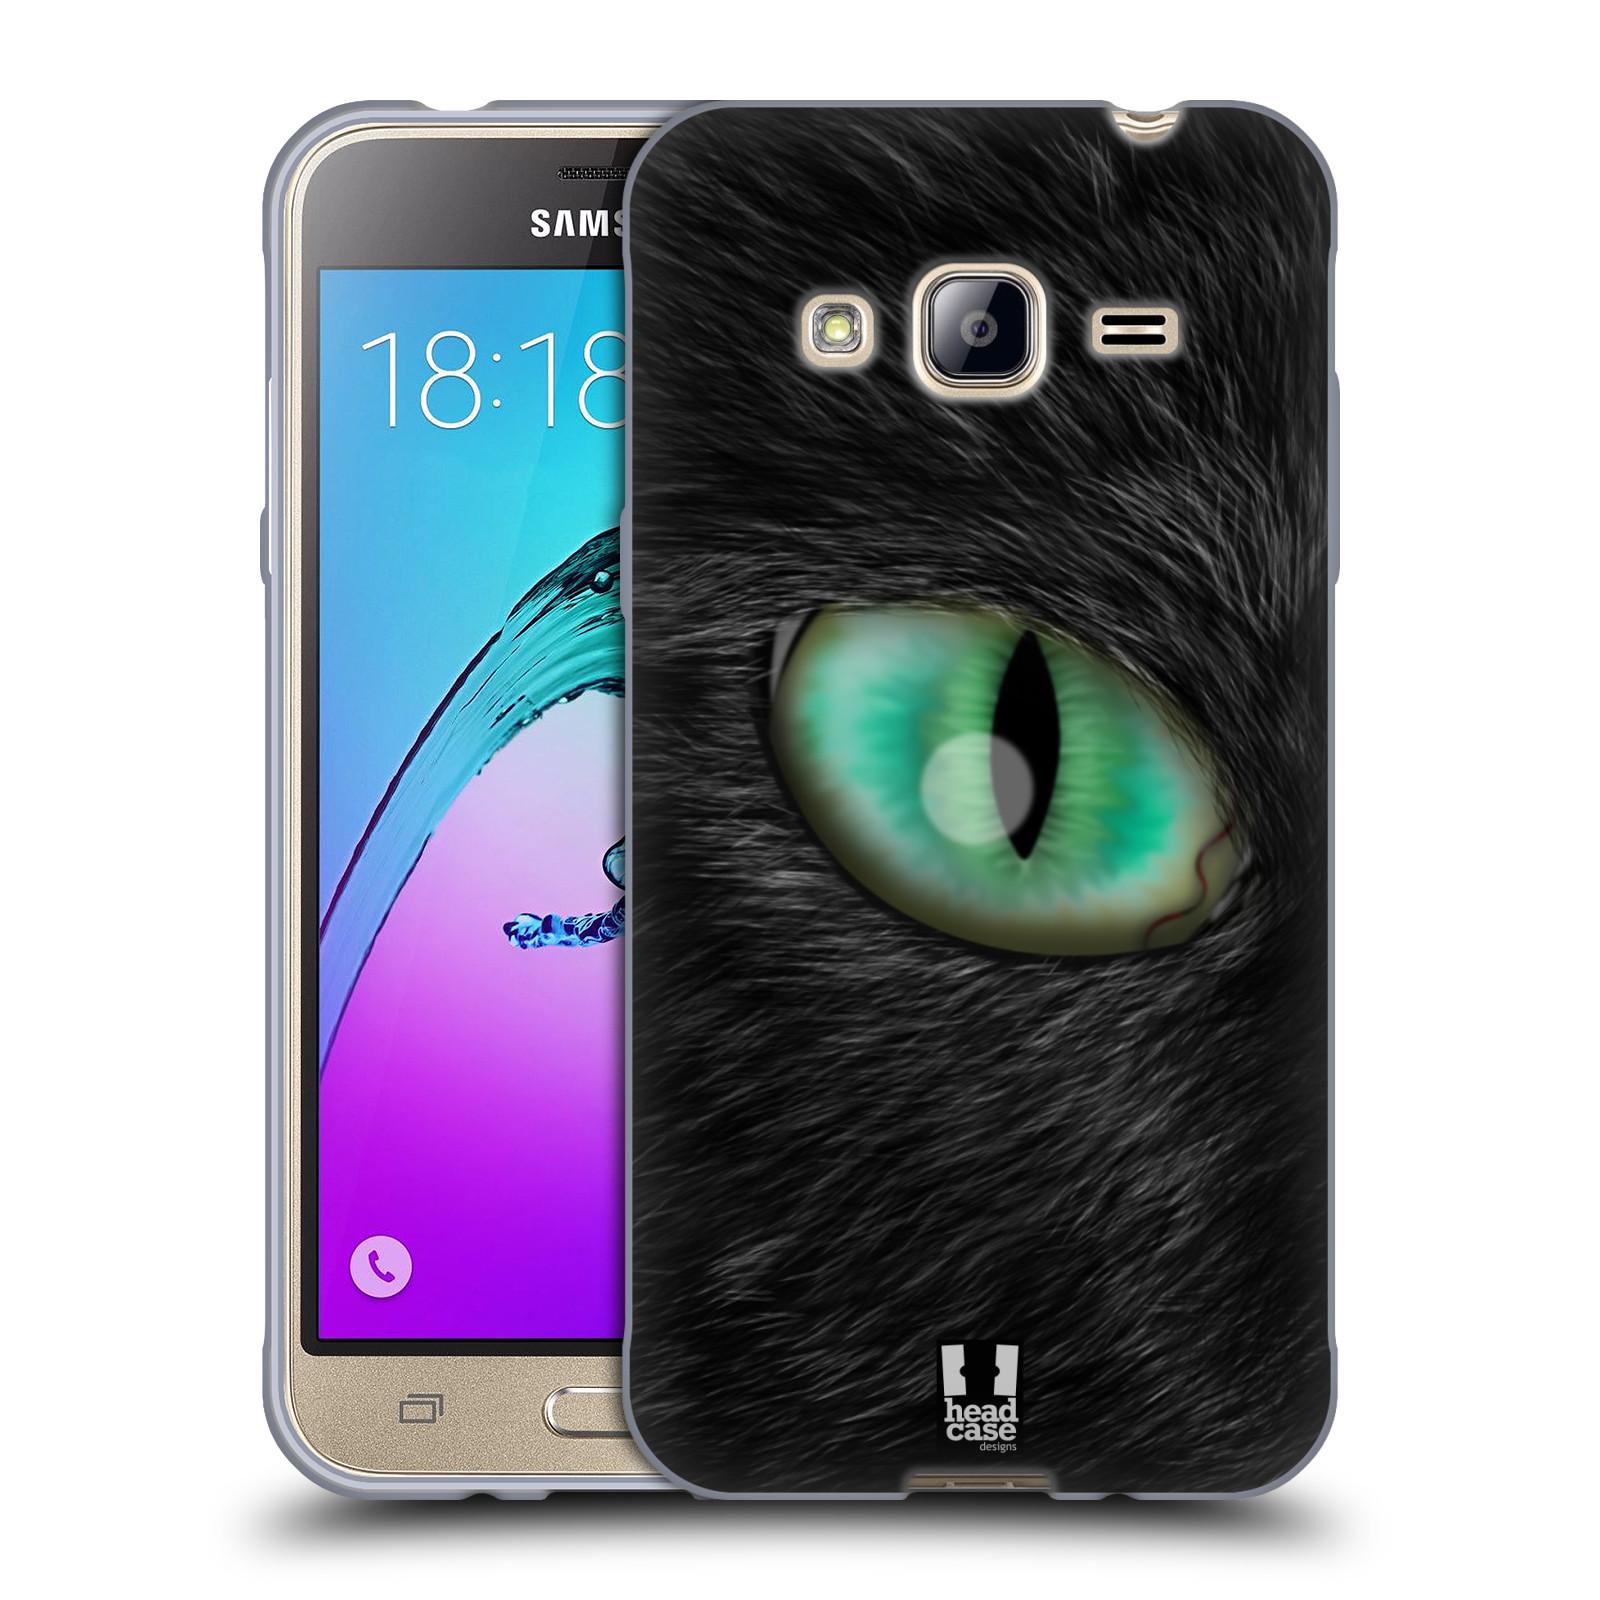 HEAD CASE silikonový obal na mobil Samsung Galaxy J3, J3 2016 vzor pohled zvířete oko kočka